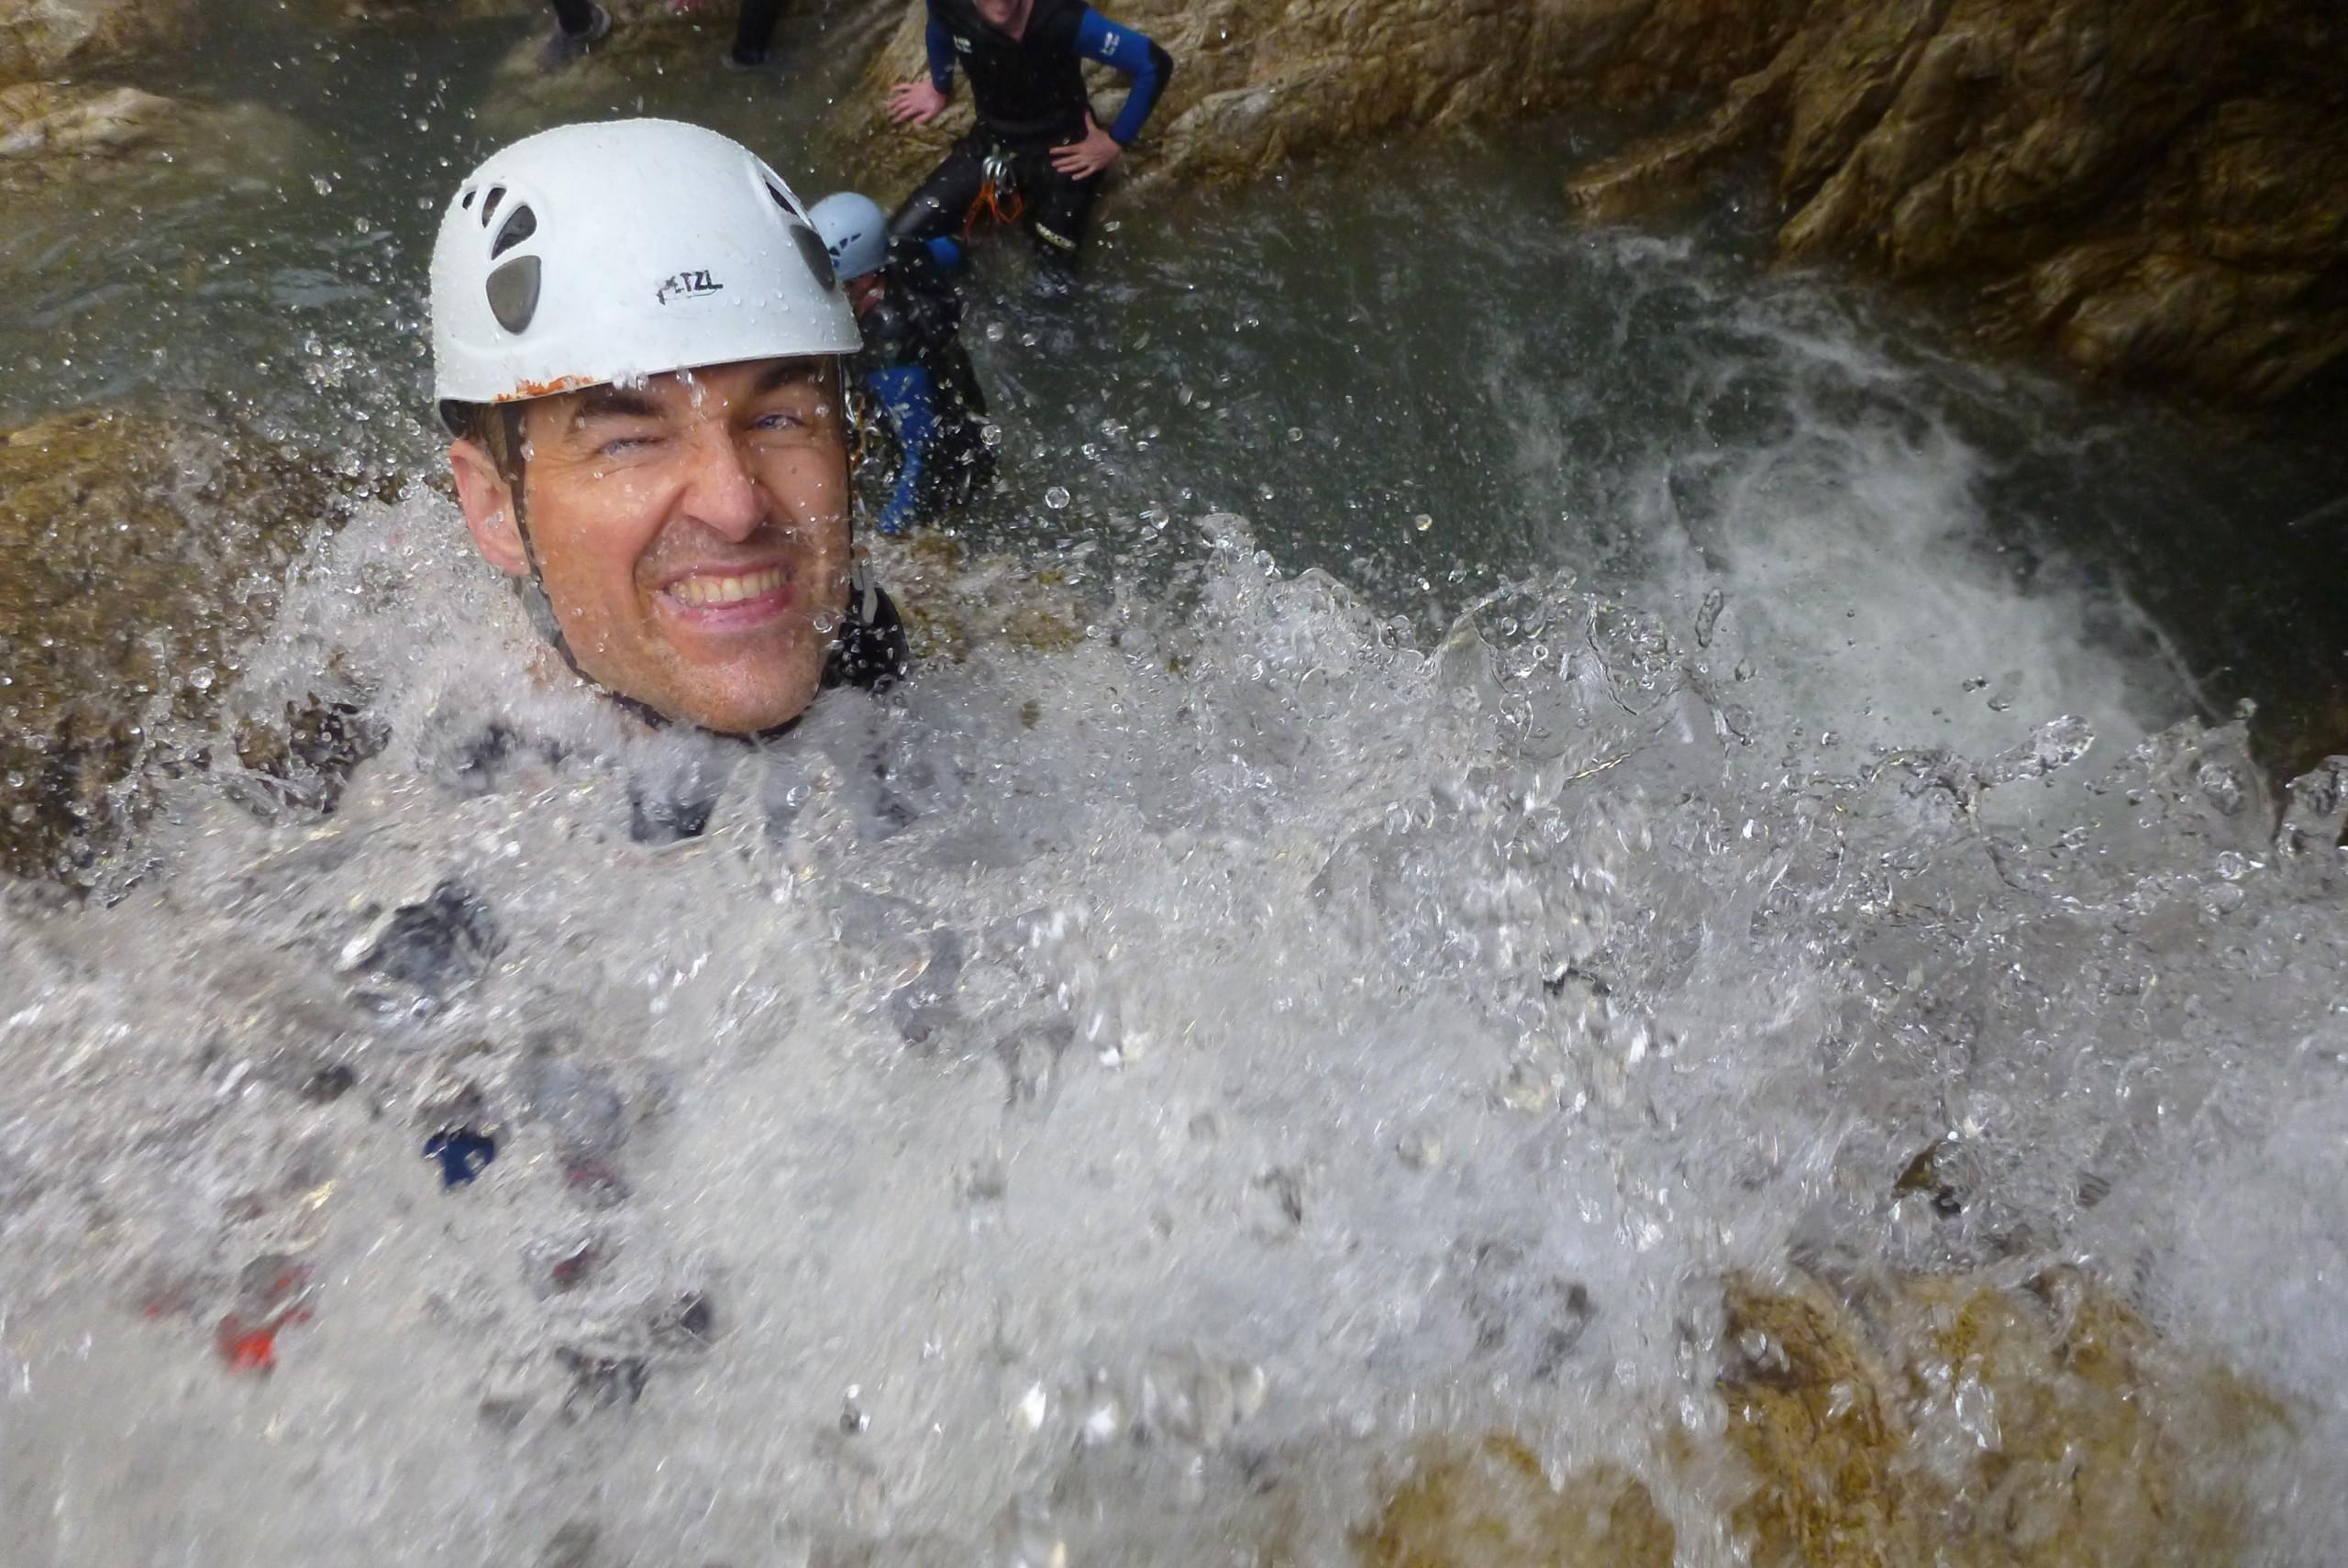 Découverte du canyoning dans le Queyras entre amis